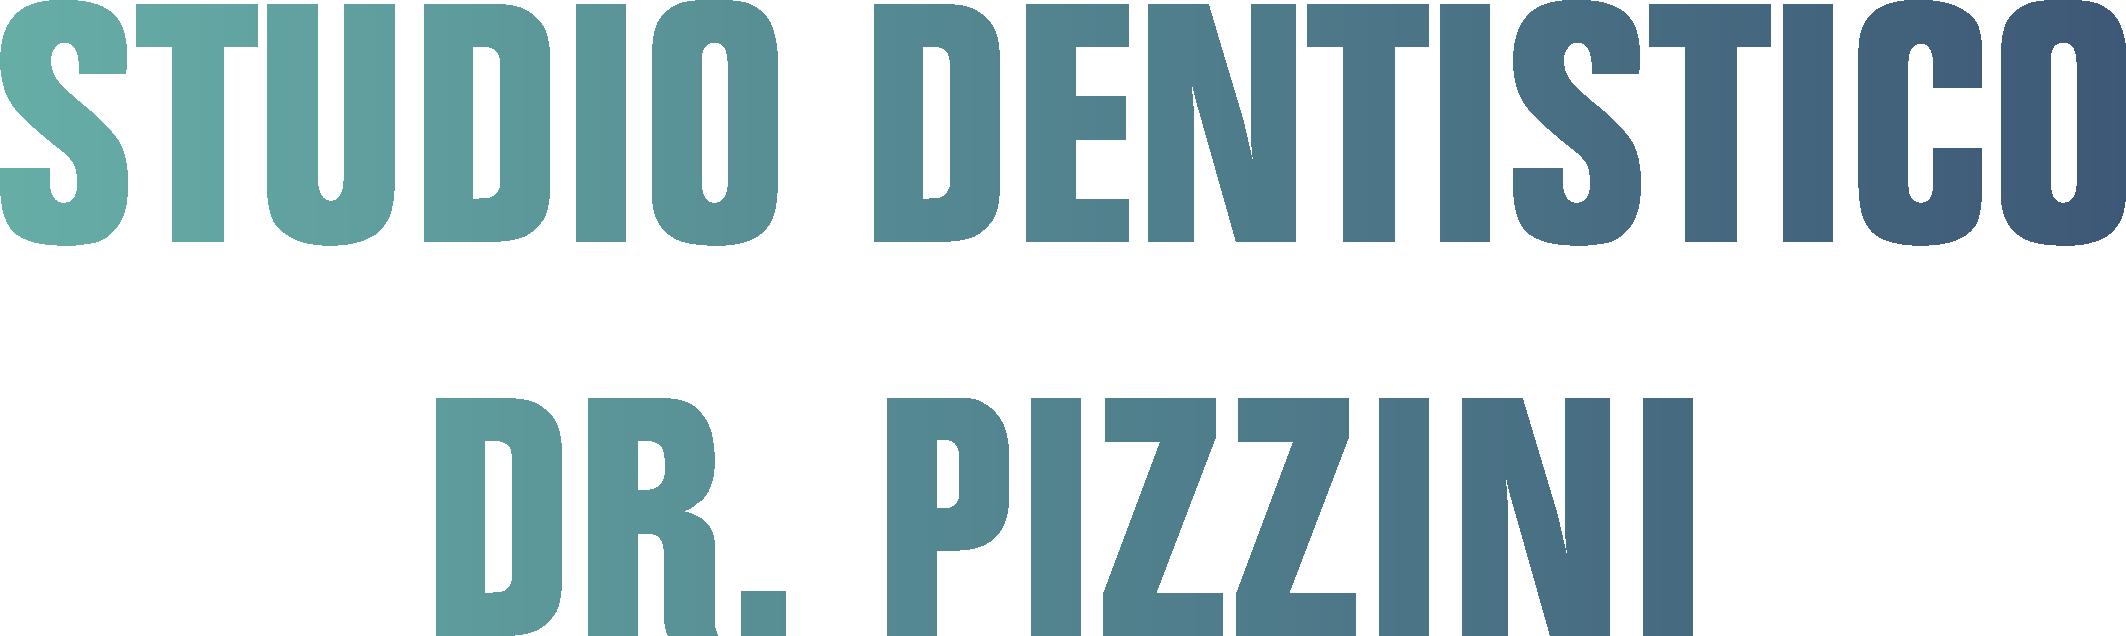 STUDIO DENTISTICO PIZZINI - TRATTAMENTO PER LE CURE DENTALI - 1